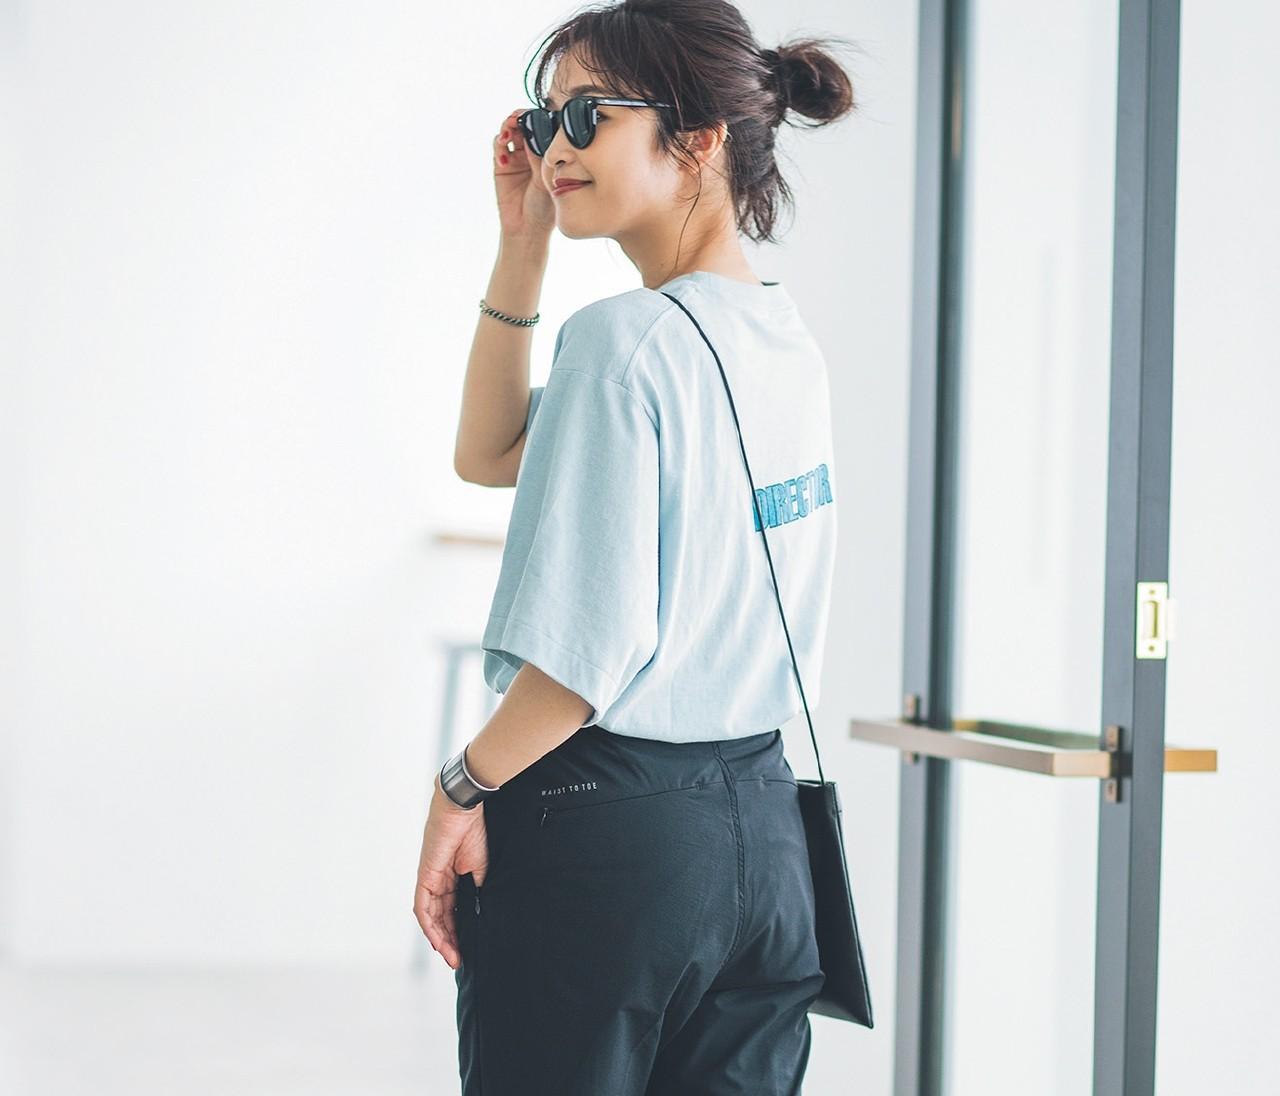 【30代女子の夏ファッションQ&A】ラクなのに可愛い0.5マイルコーデって?